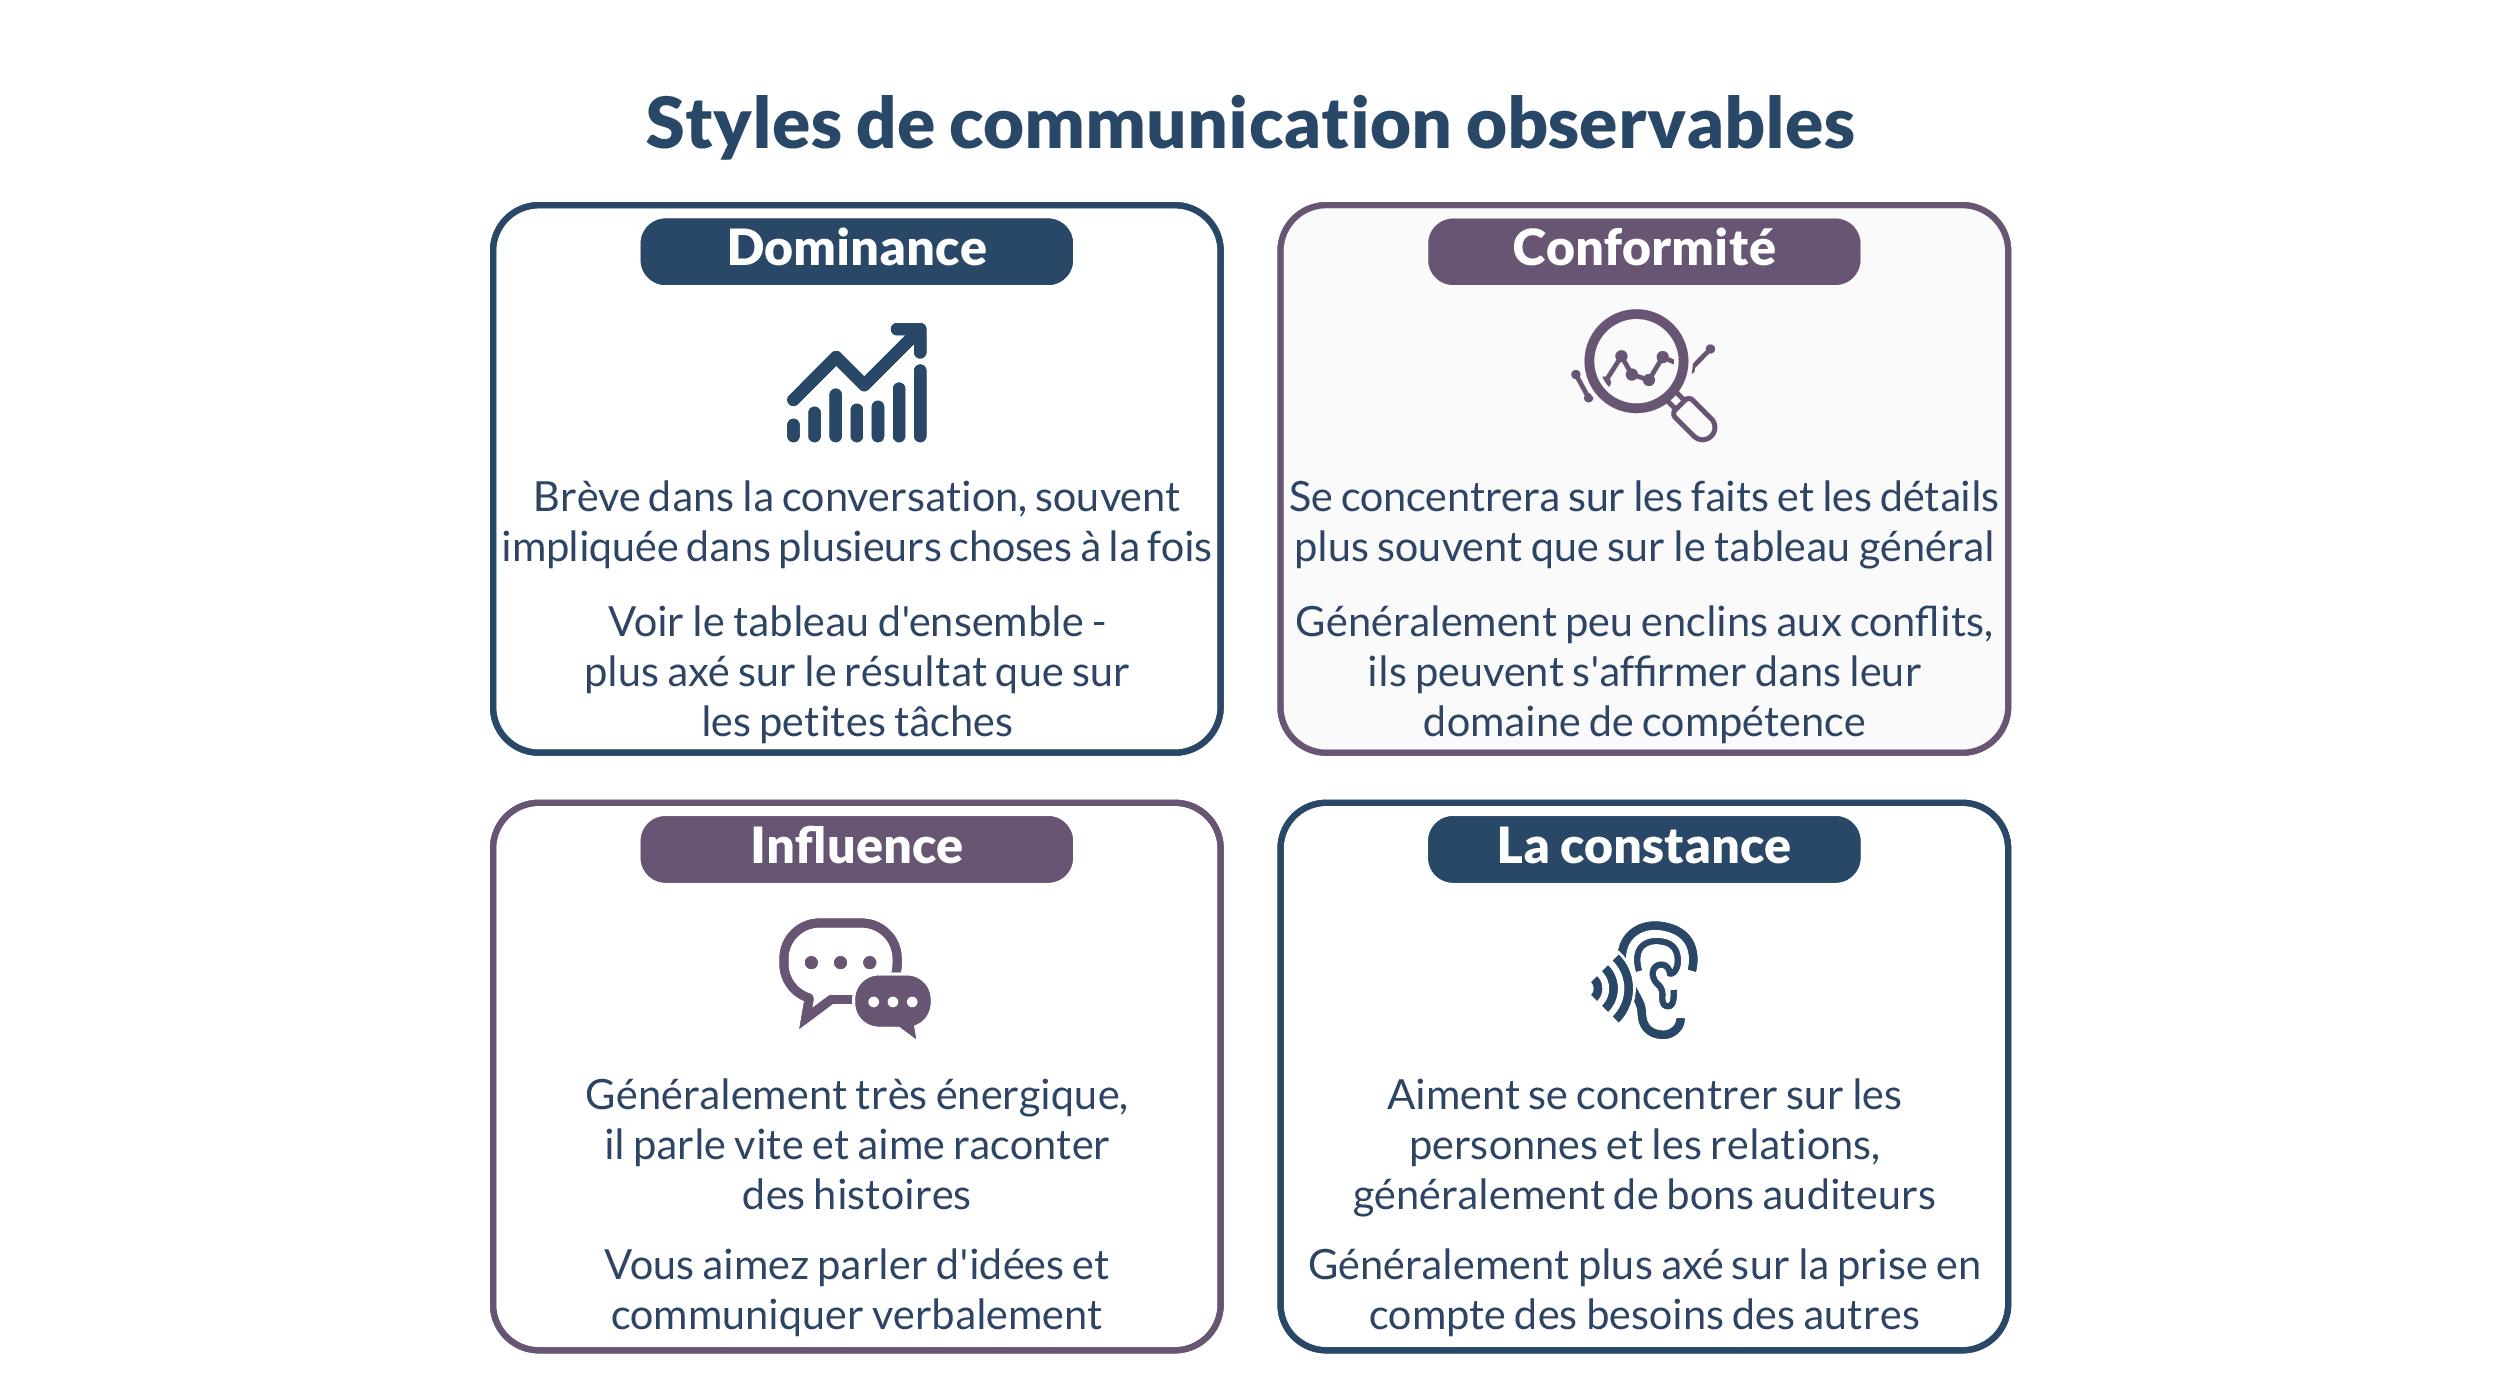 Style de communication observables